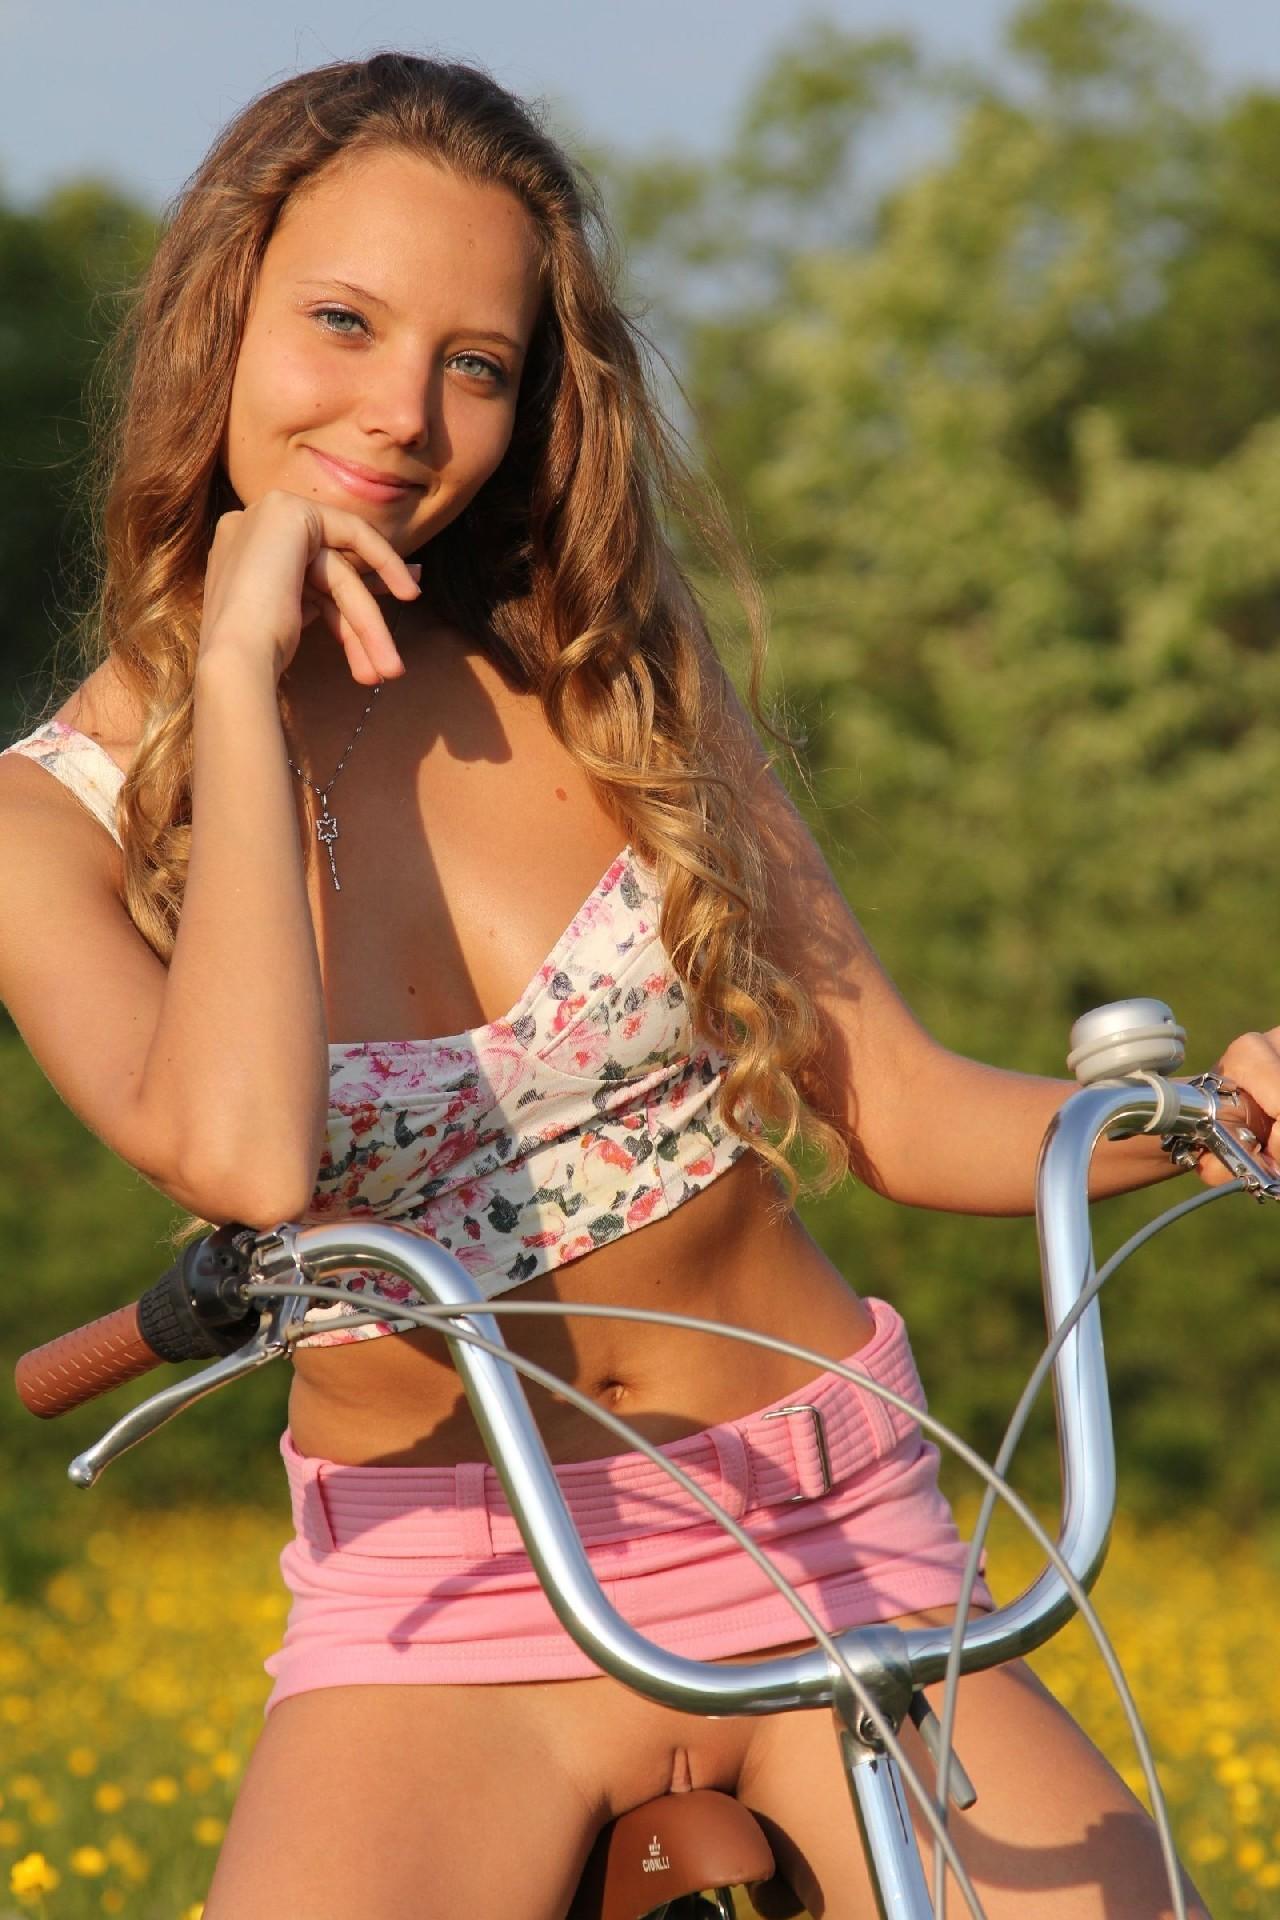 Голые дувушки на велосипедах садятся голой попкой на седло